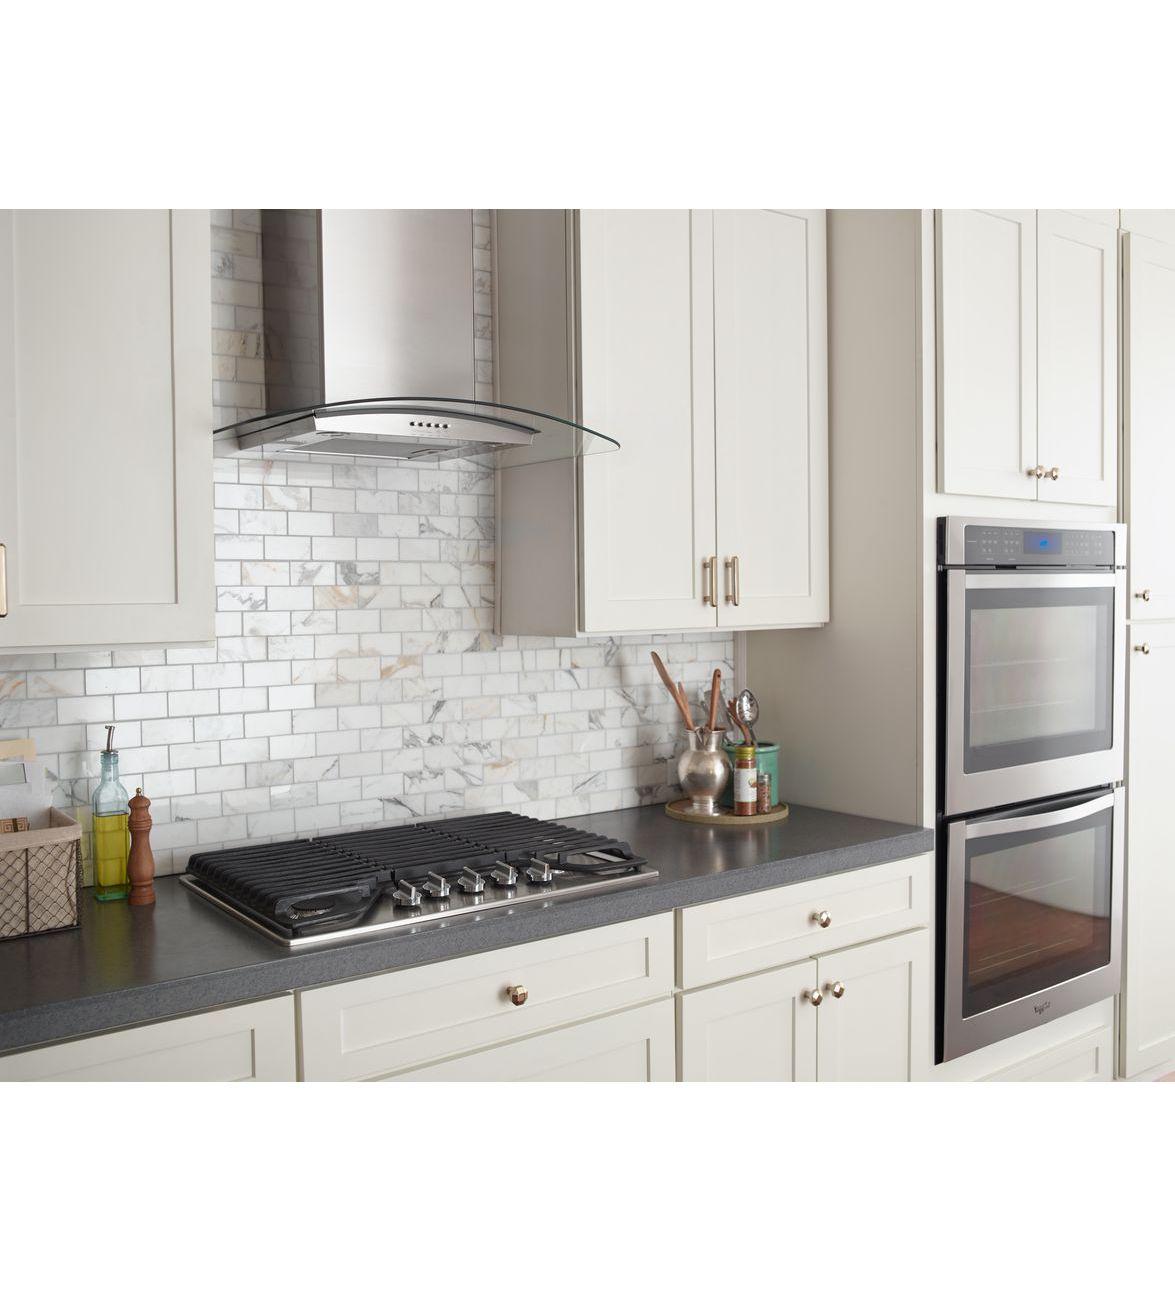 Wvw51uc0fs hotte de cuisine murale en verre concave - Hotte de cuisine murale ...